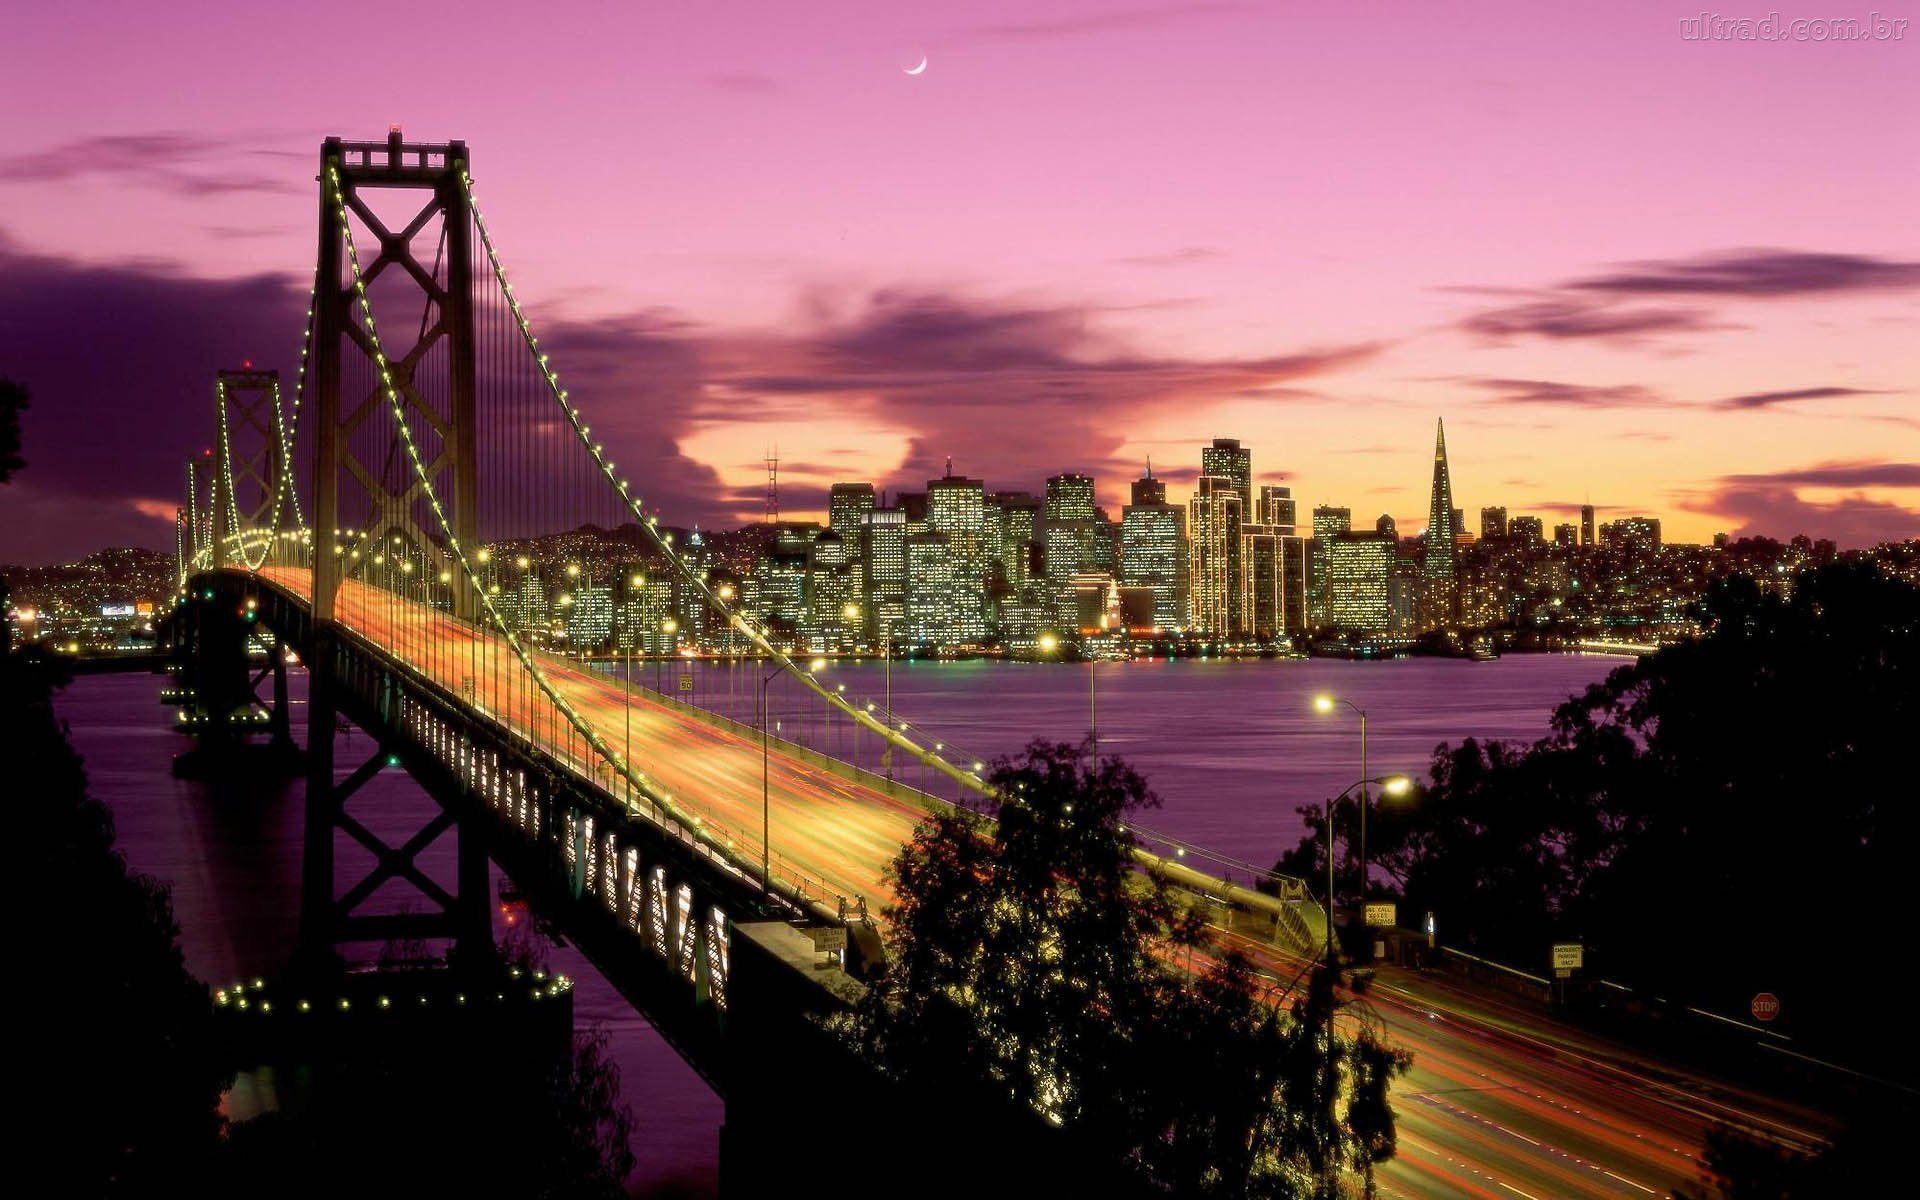 Sao-Francisco-California_1920x1200